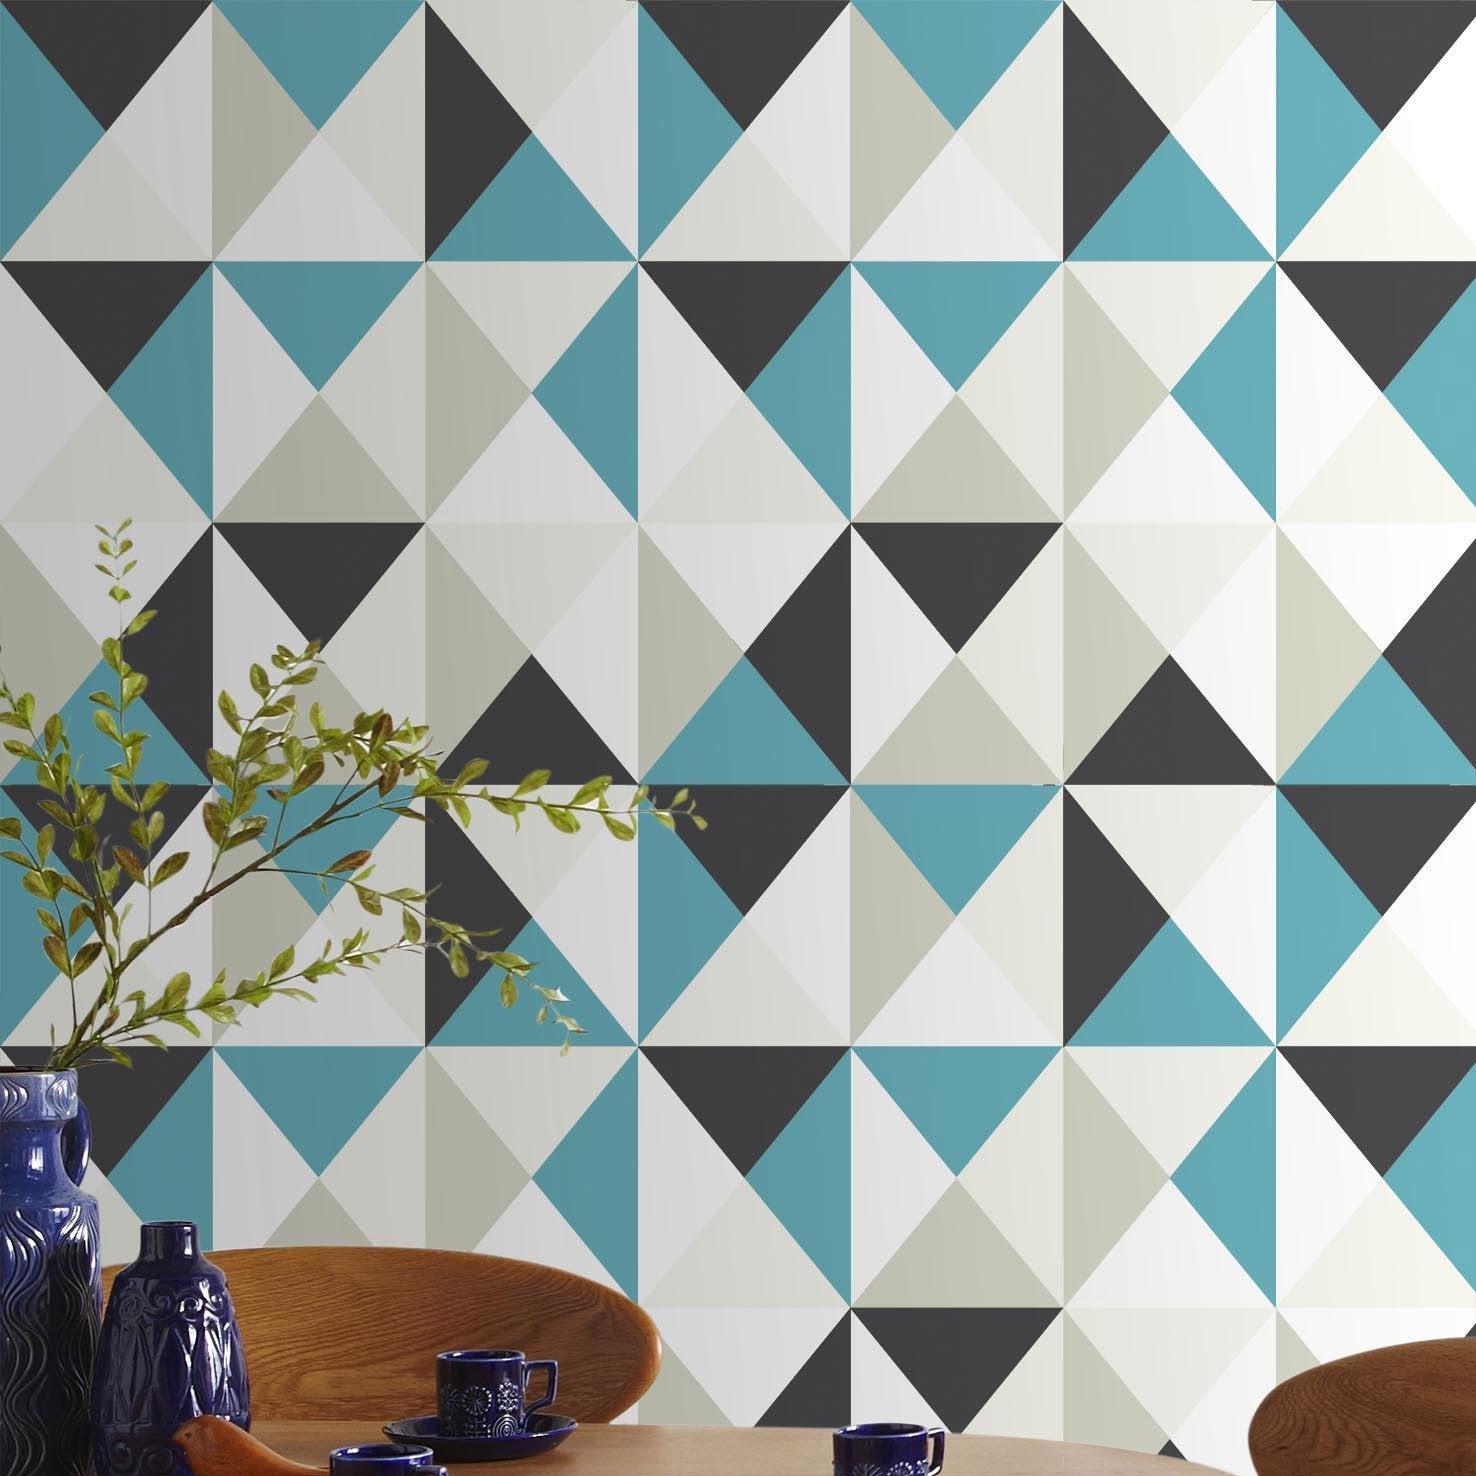 Papier peint intiss polygone bleu leroy merlin - Gazon en rouleau leroy merlin ...